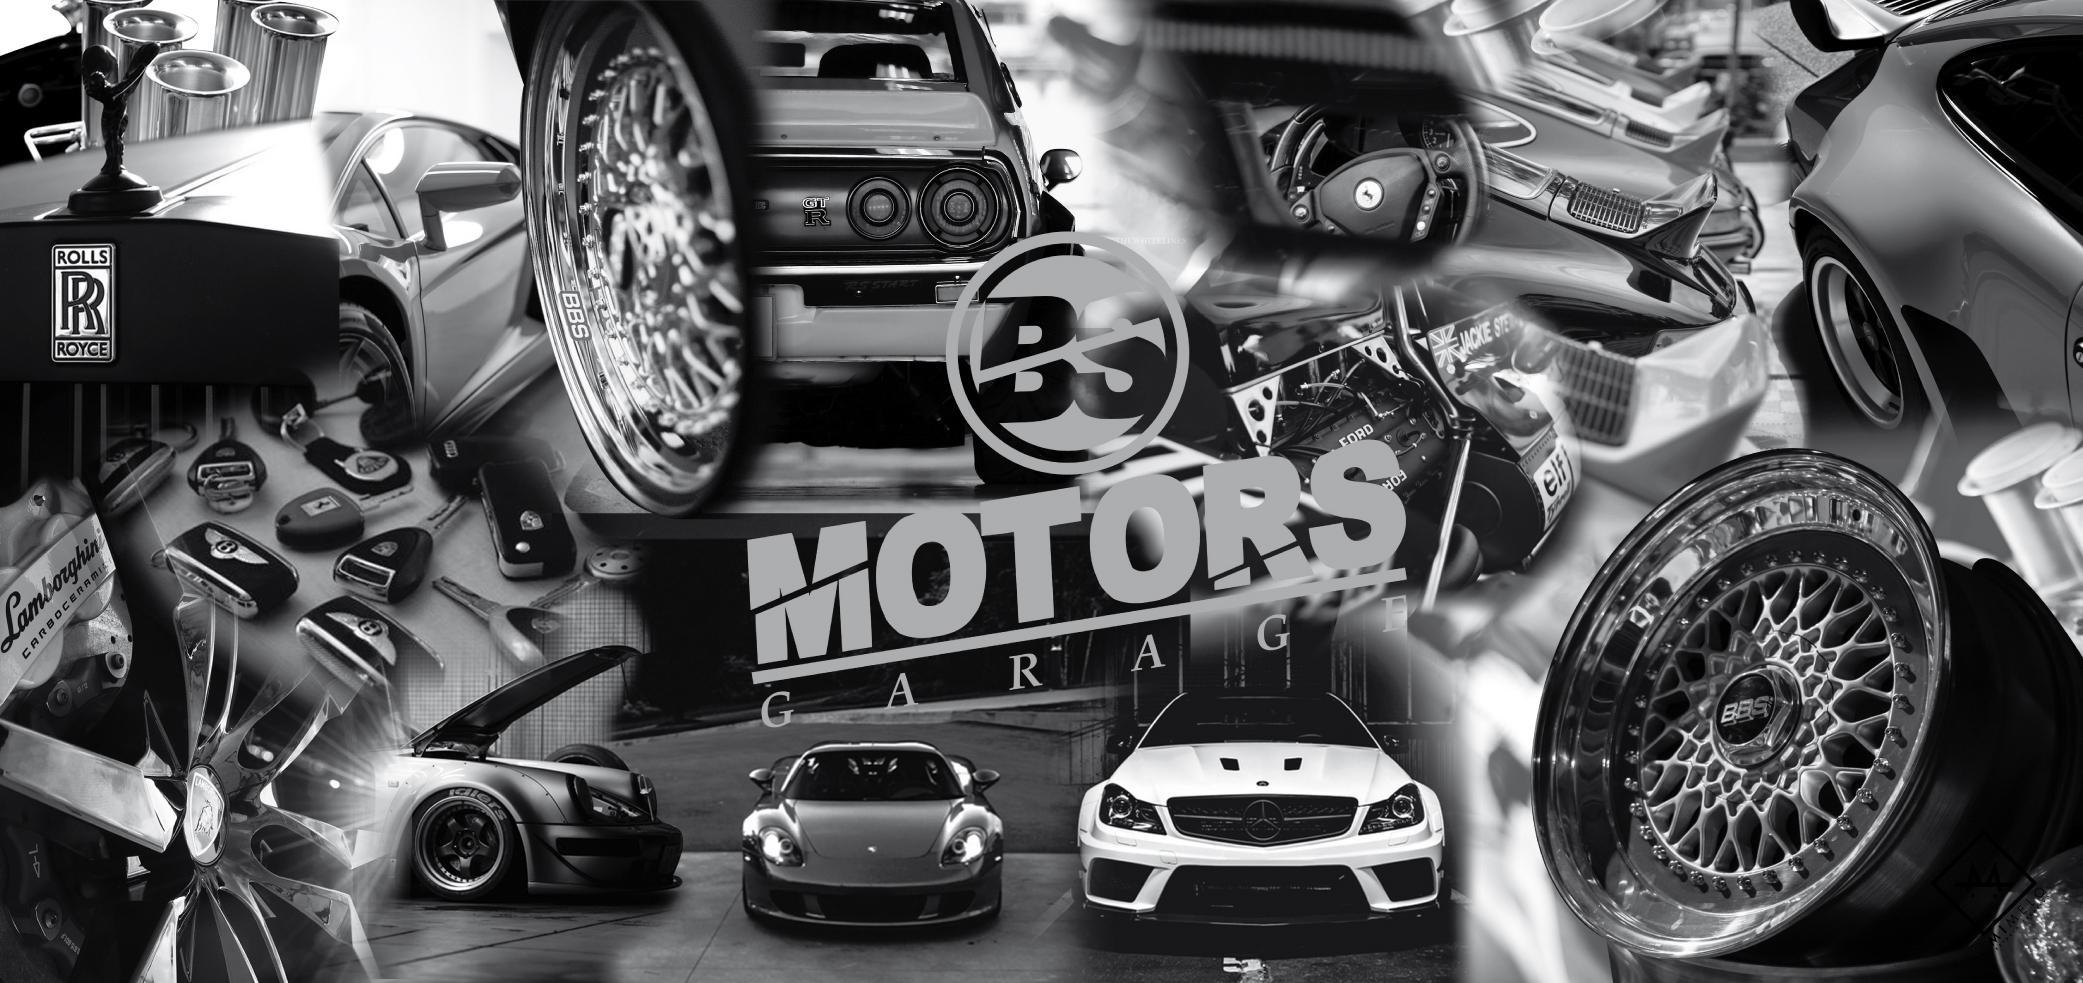 Bs Motors - Mimelo Estudio Creativo